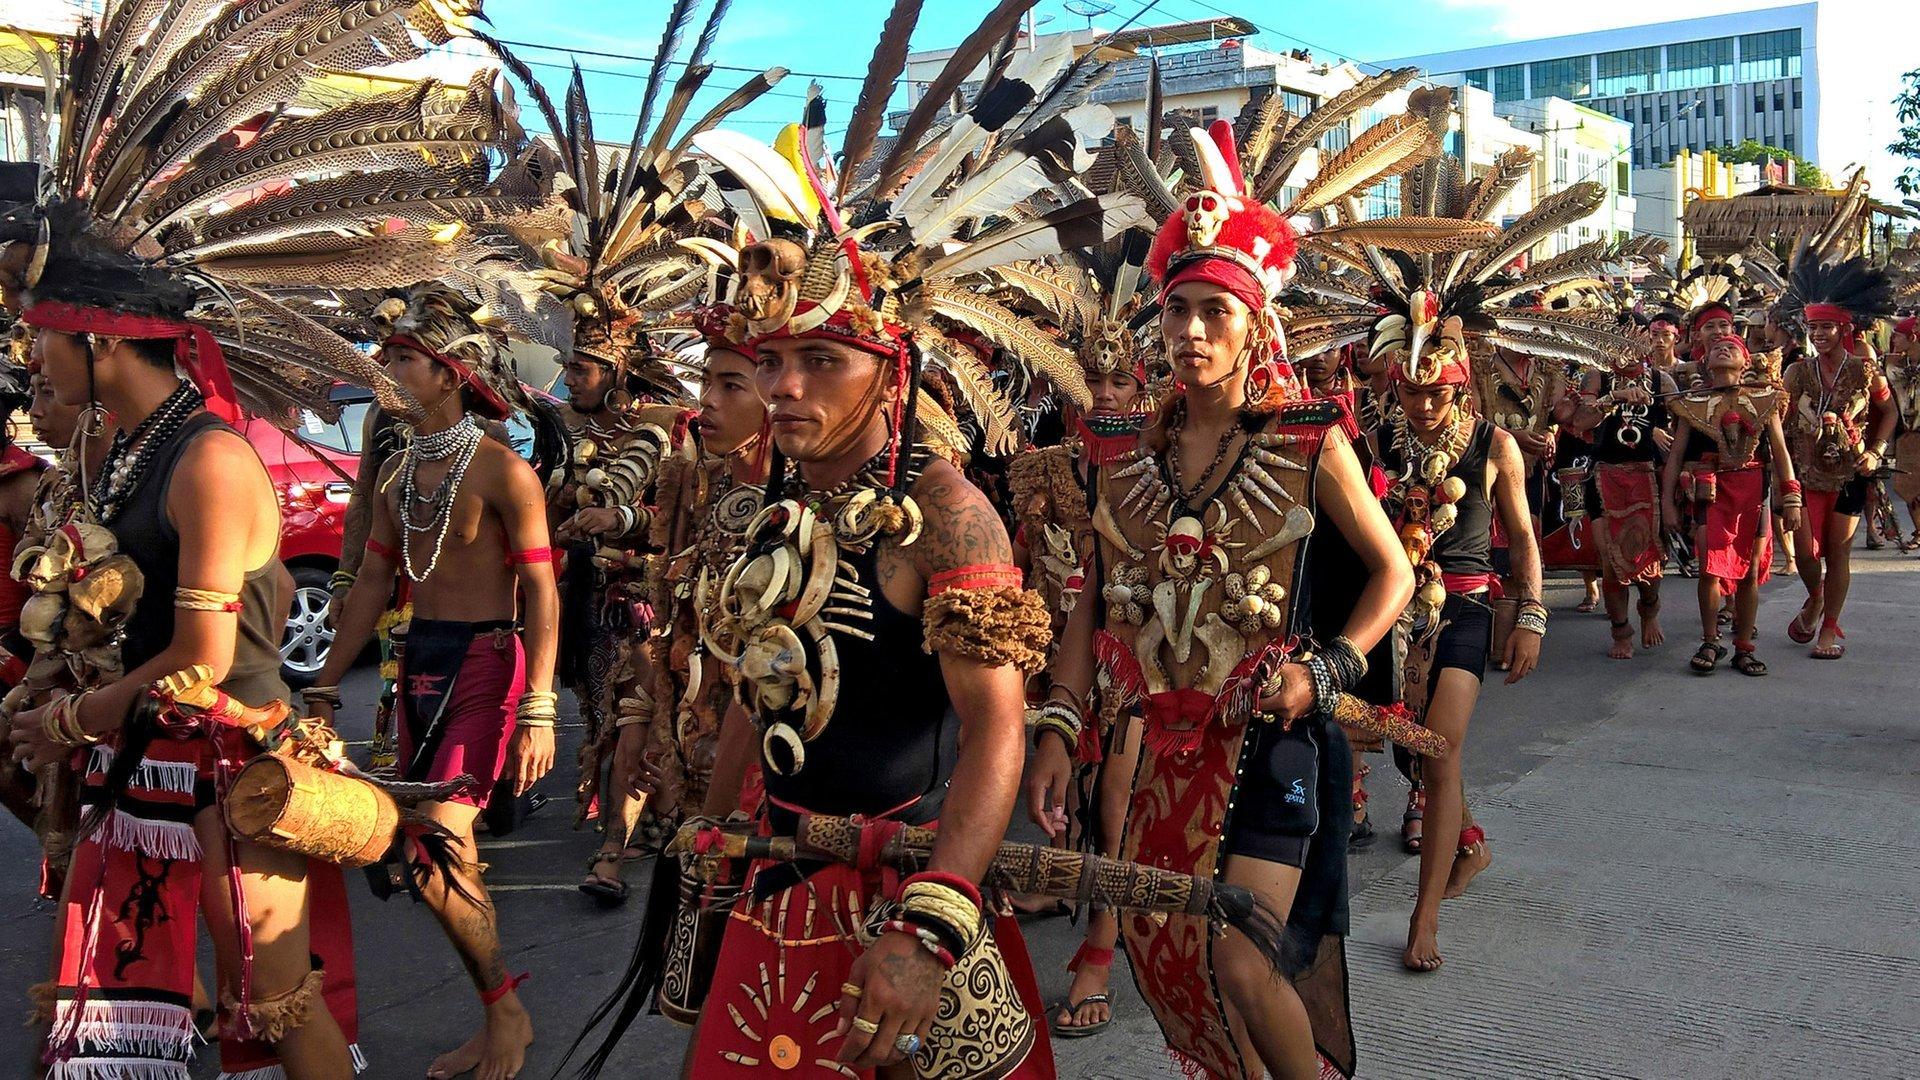 Gawai Dayak (Hari Gawai) in Borneo - Best Time